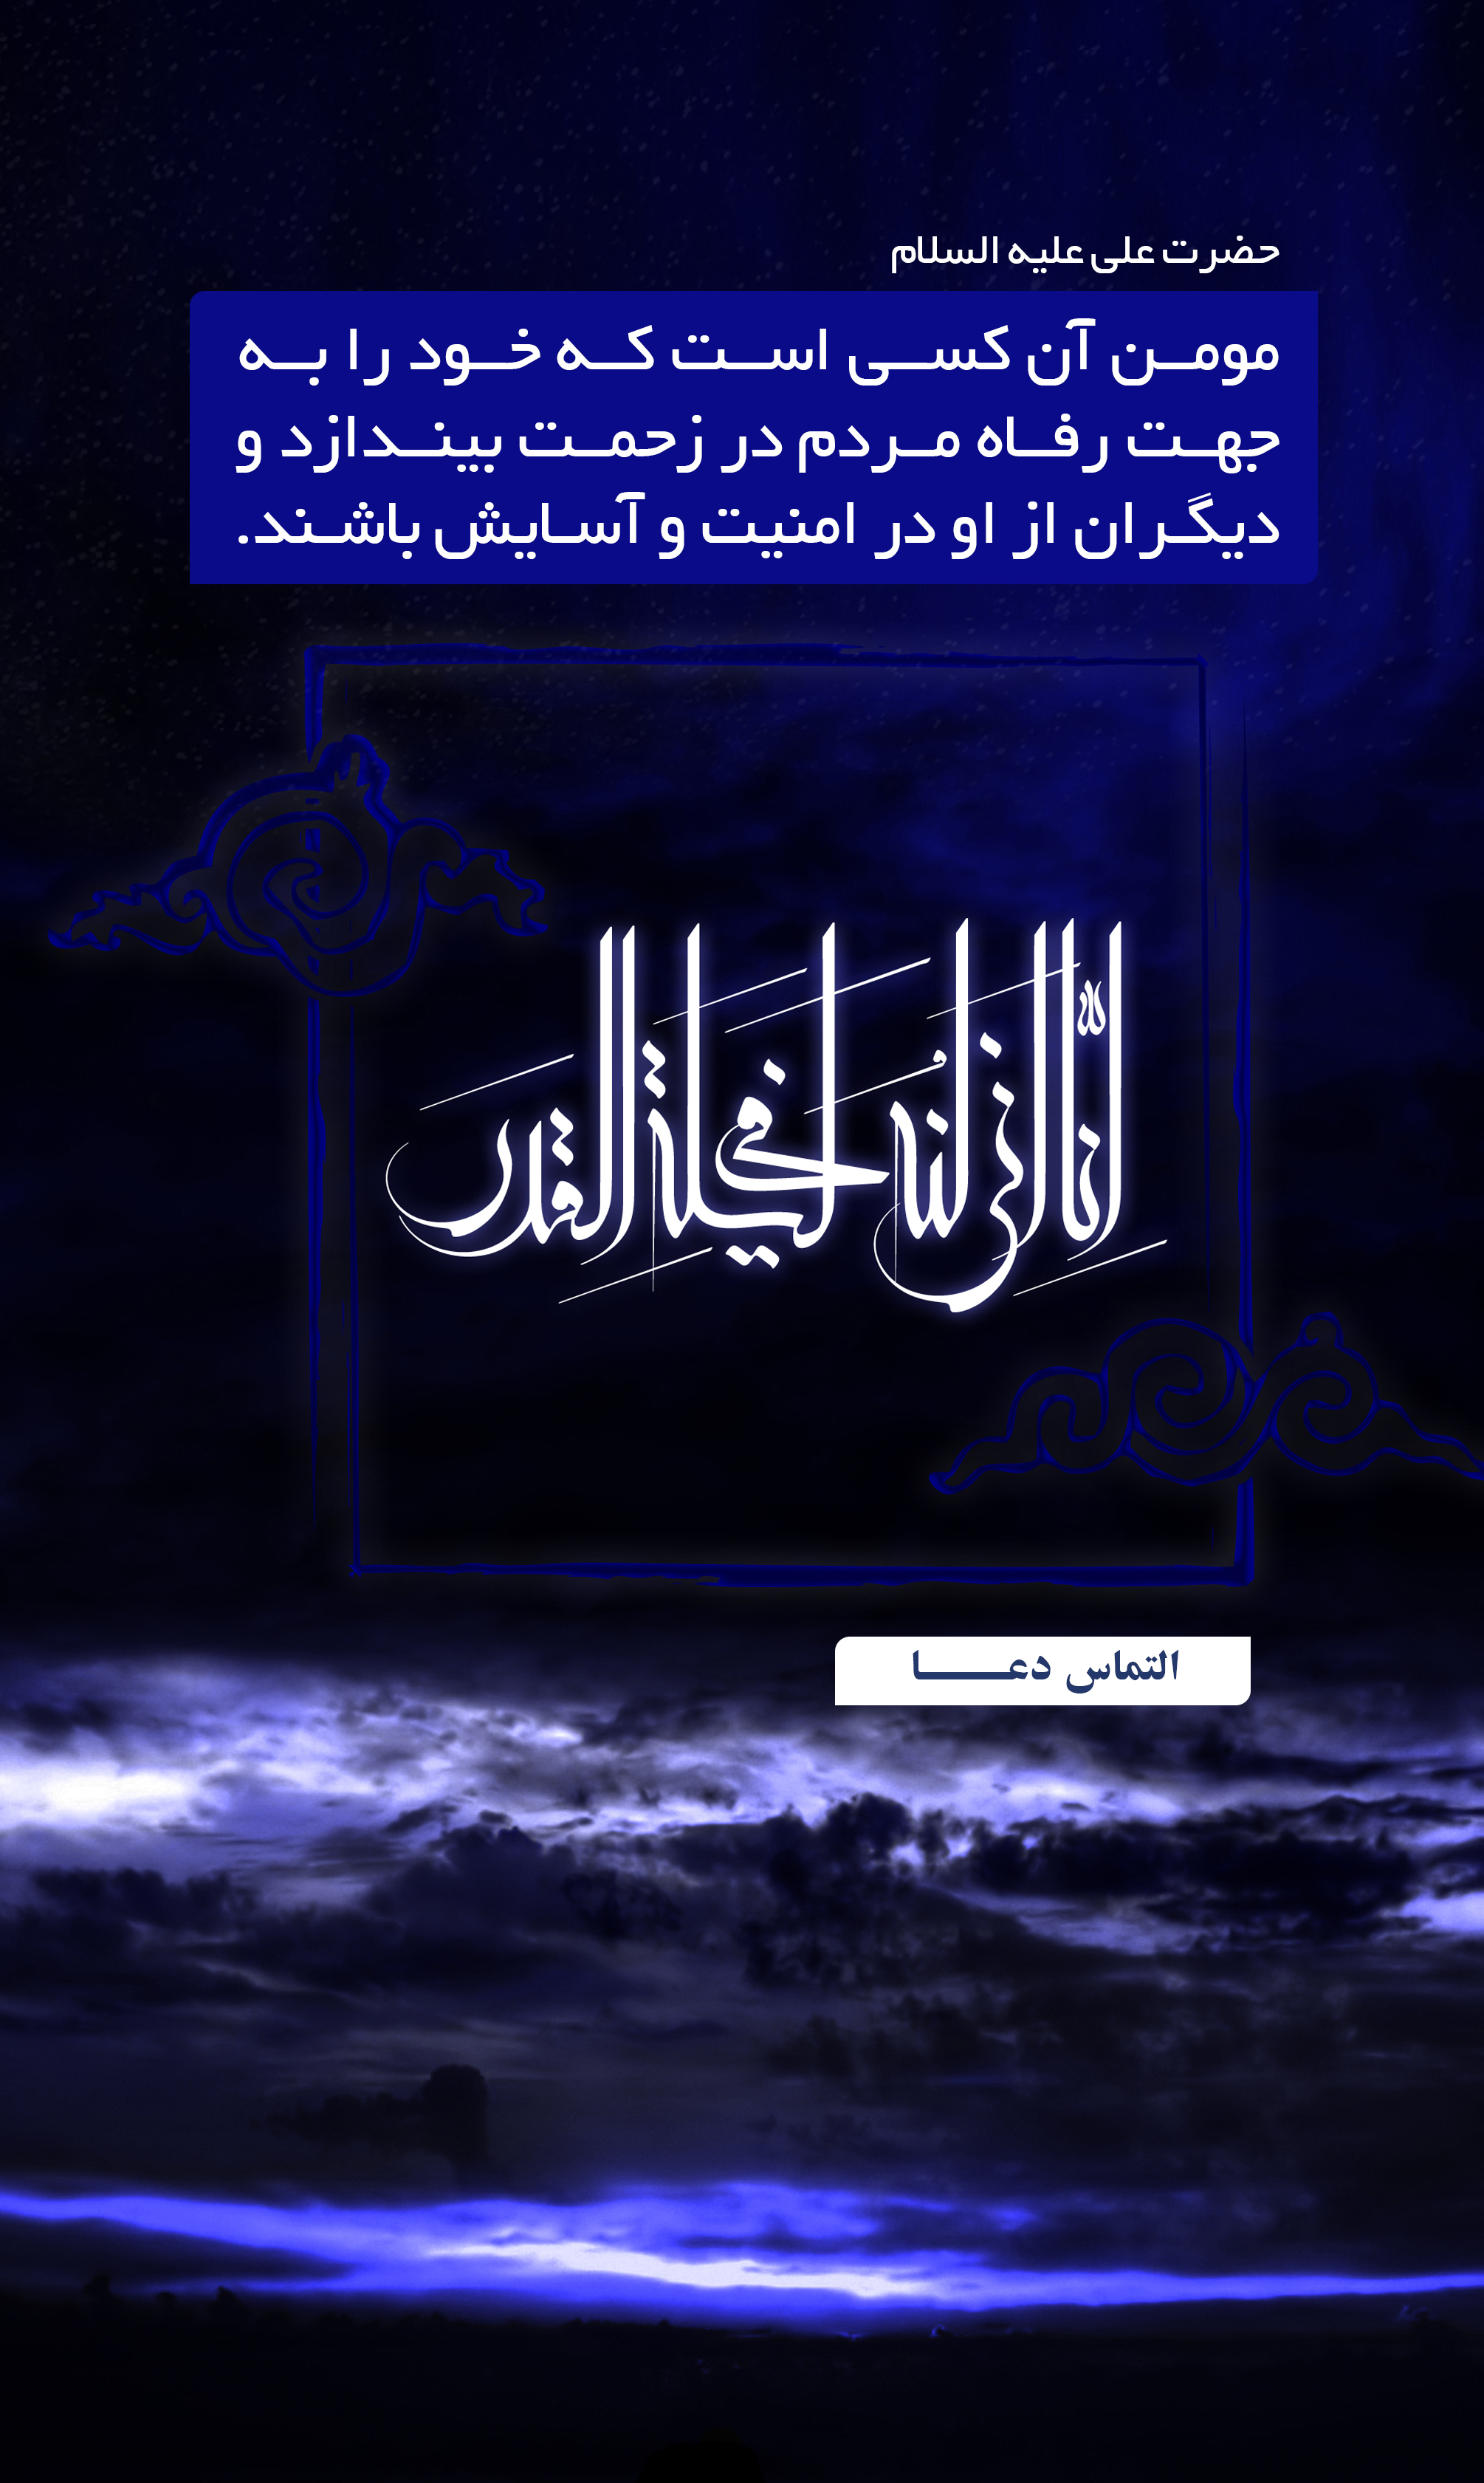 پوستر شب قدر استوری شب قدر پوستر التماس دعا شهادت حضرت علی